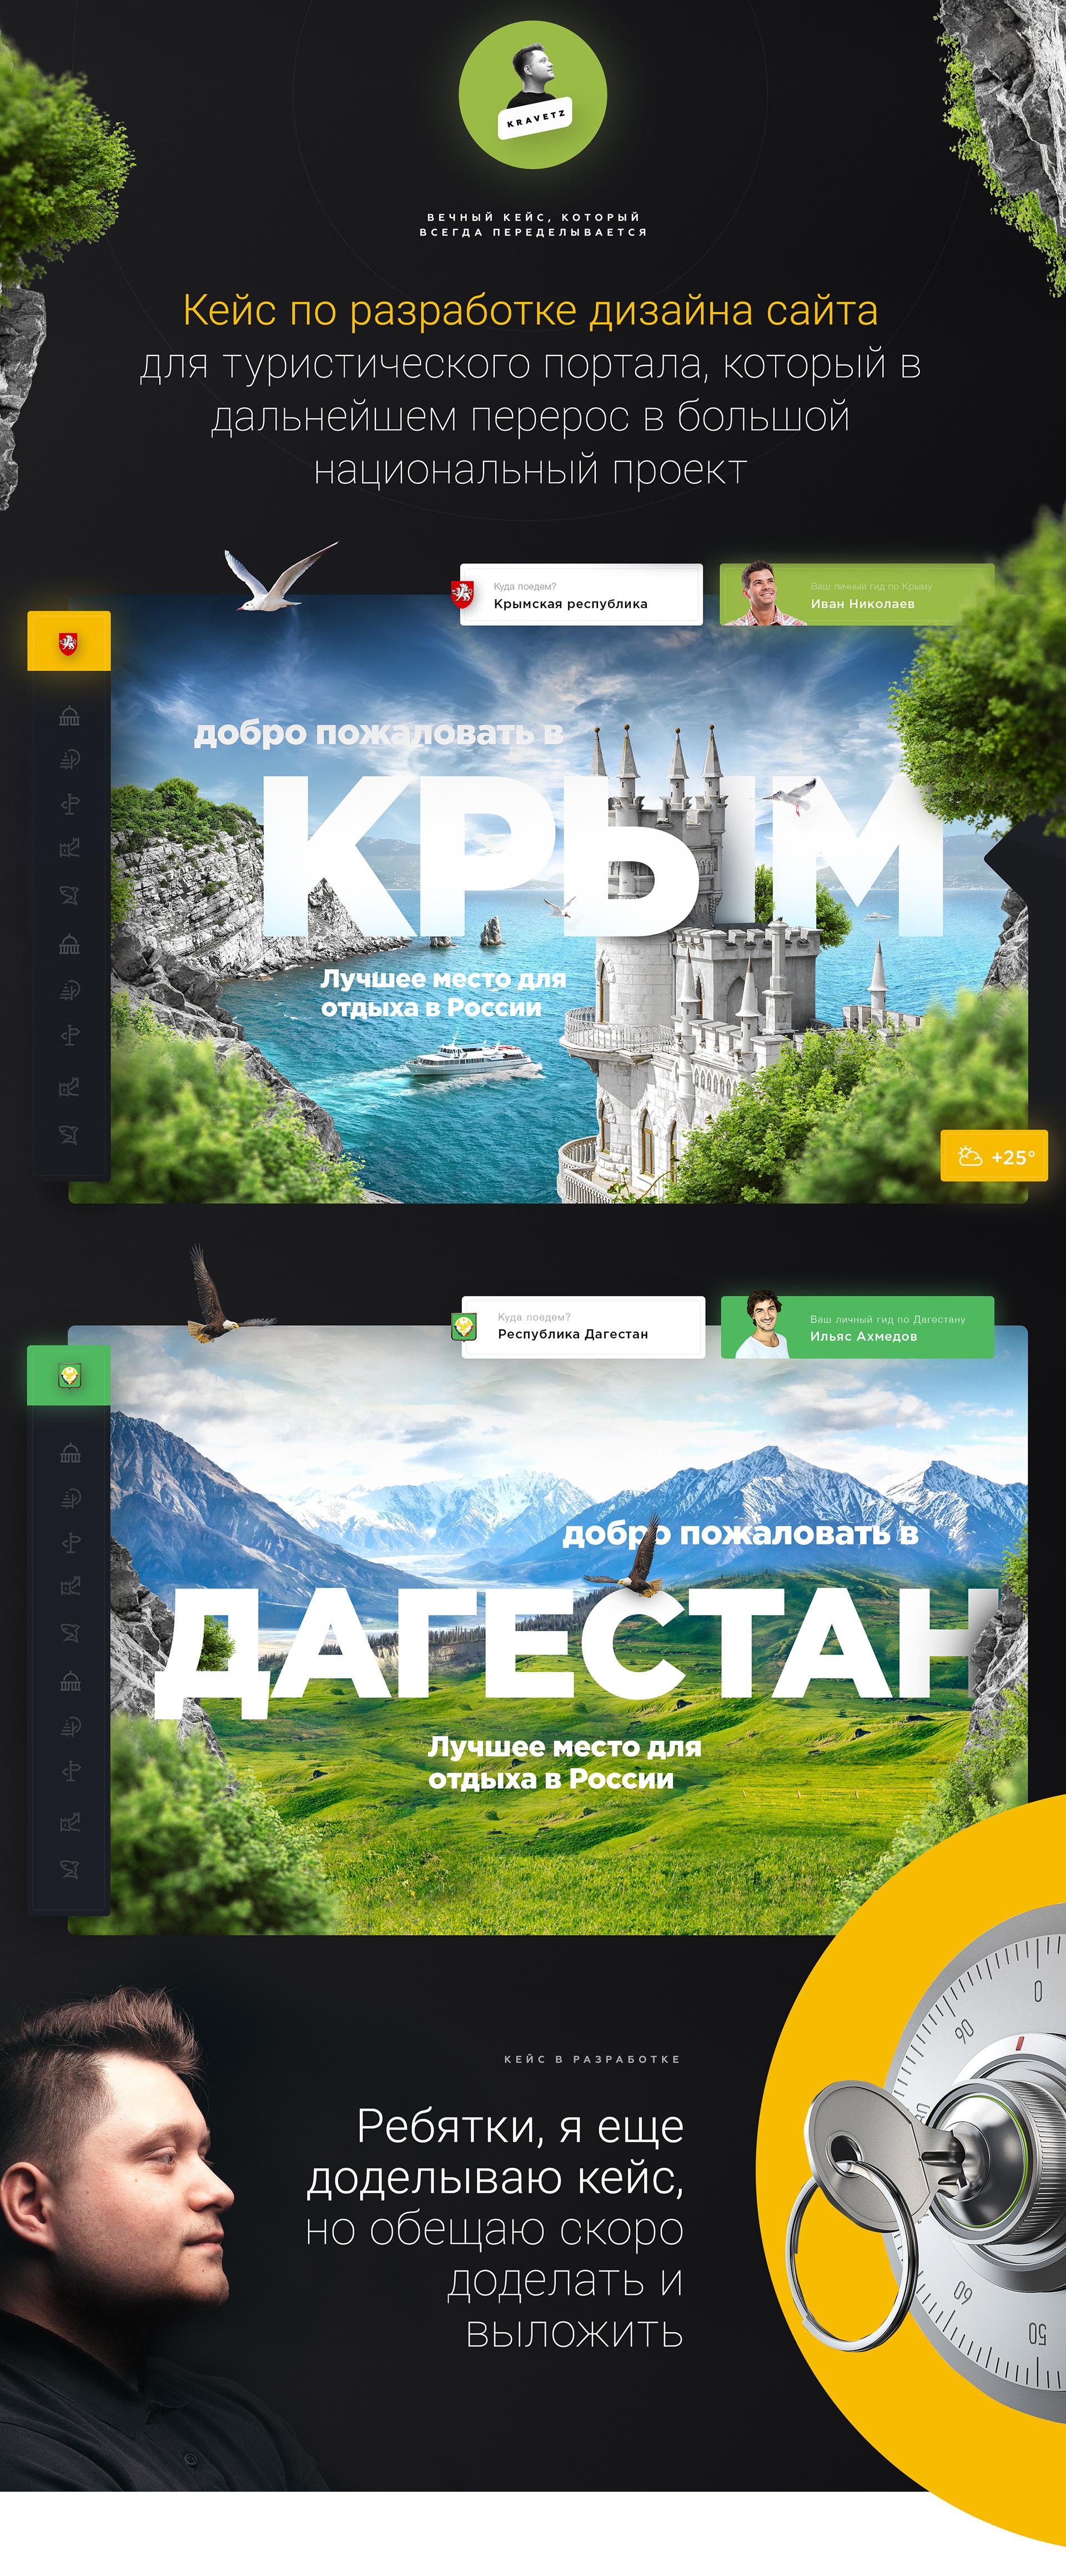 Открывай – кейс по разработке дизайна сайта для туристического портала